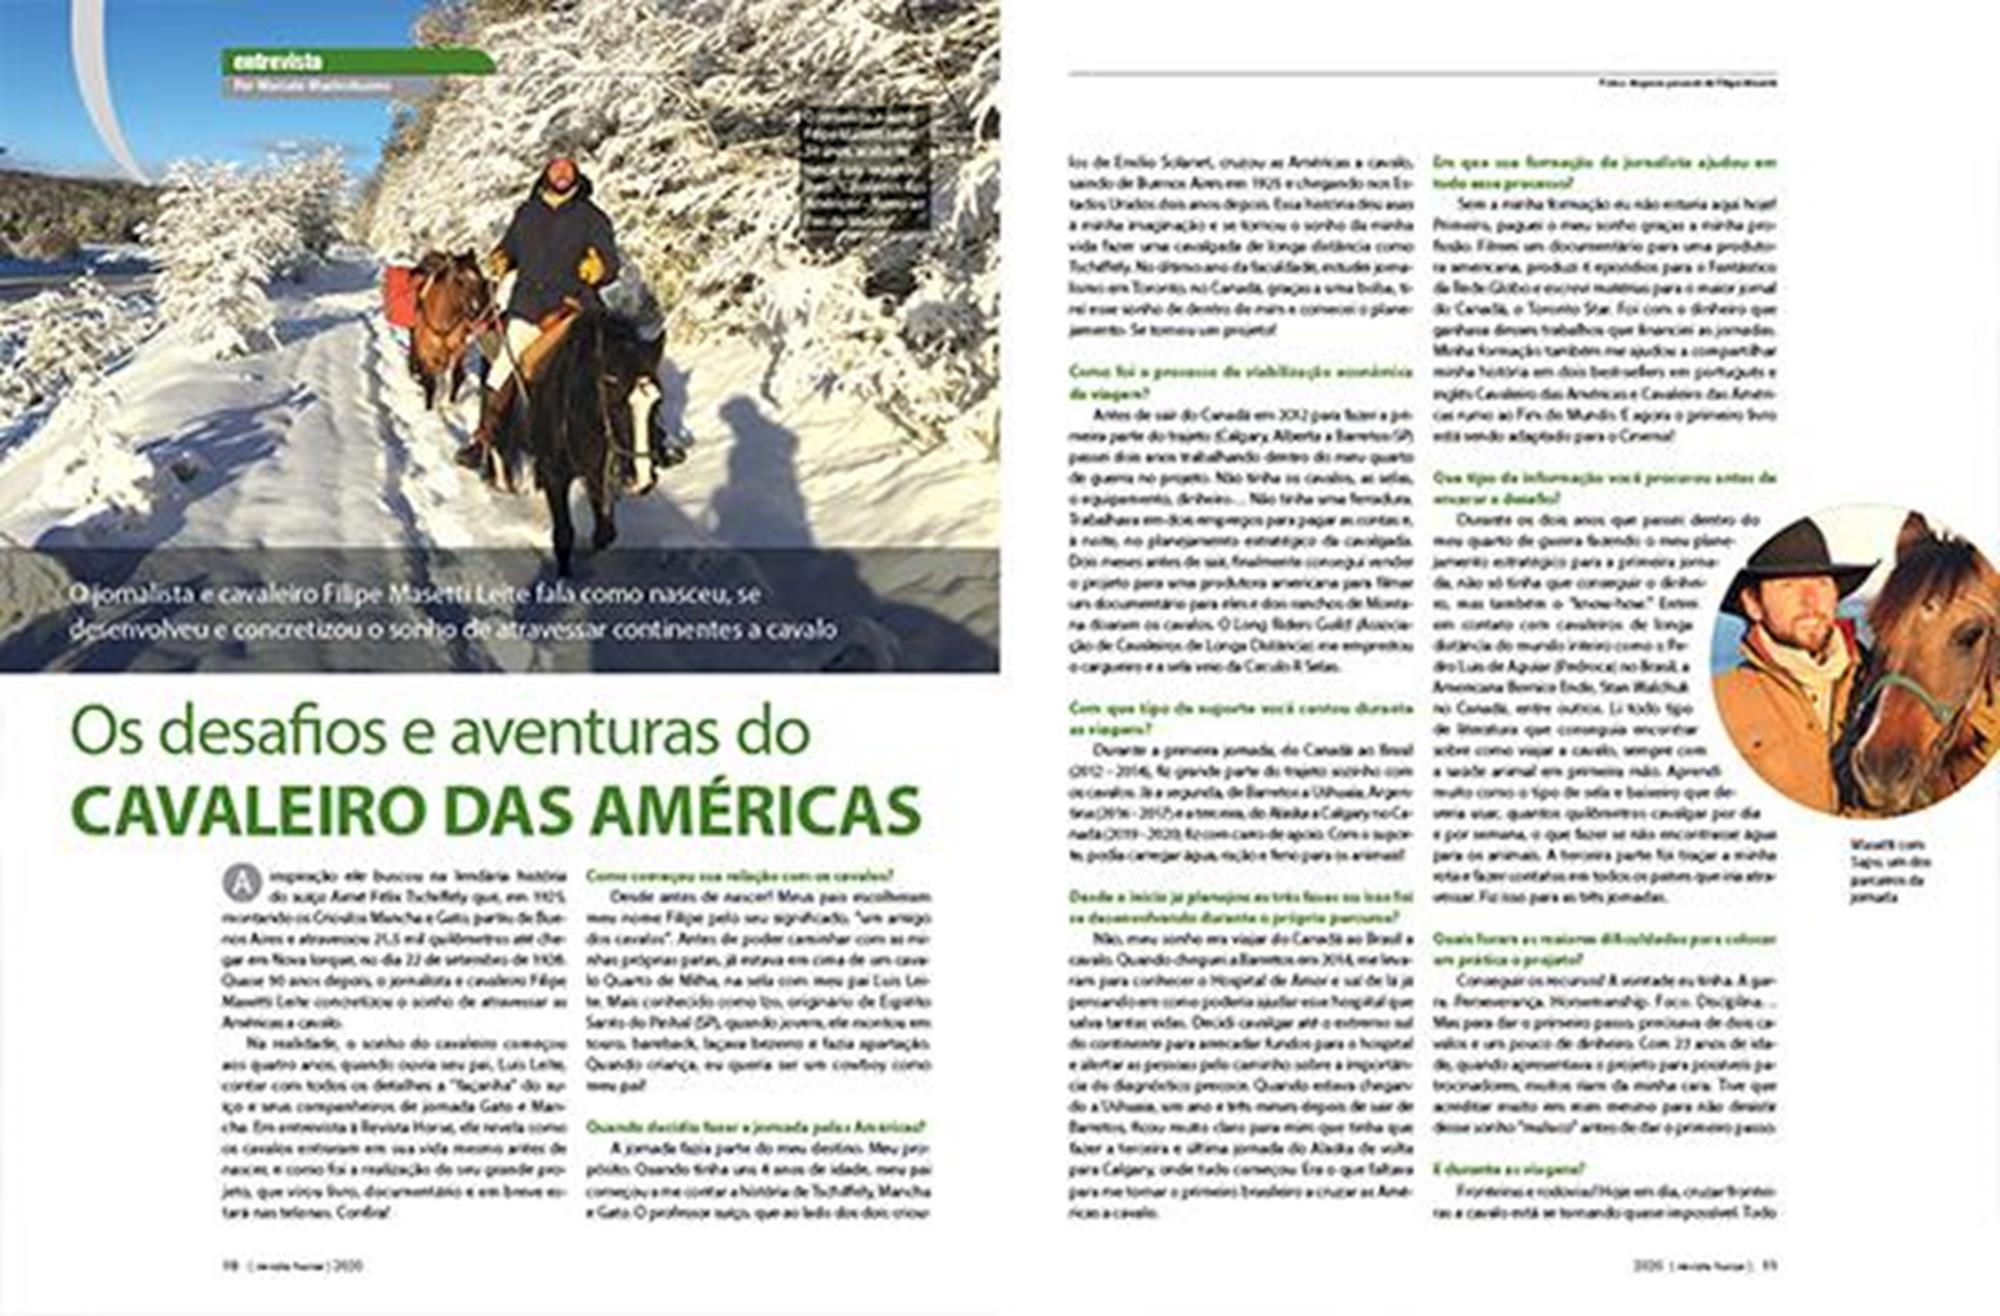 edição 128, Filipe Masetti, Cavaleiro das Américas, Reprodução